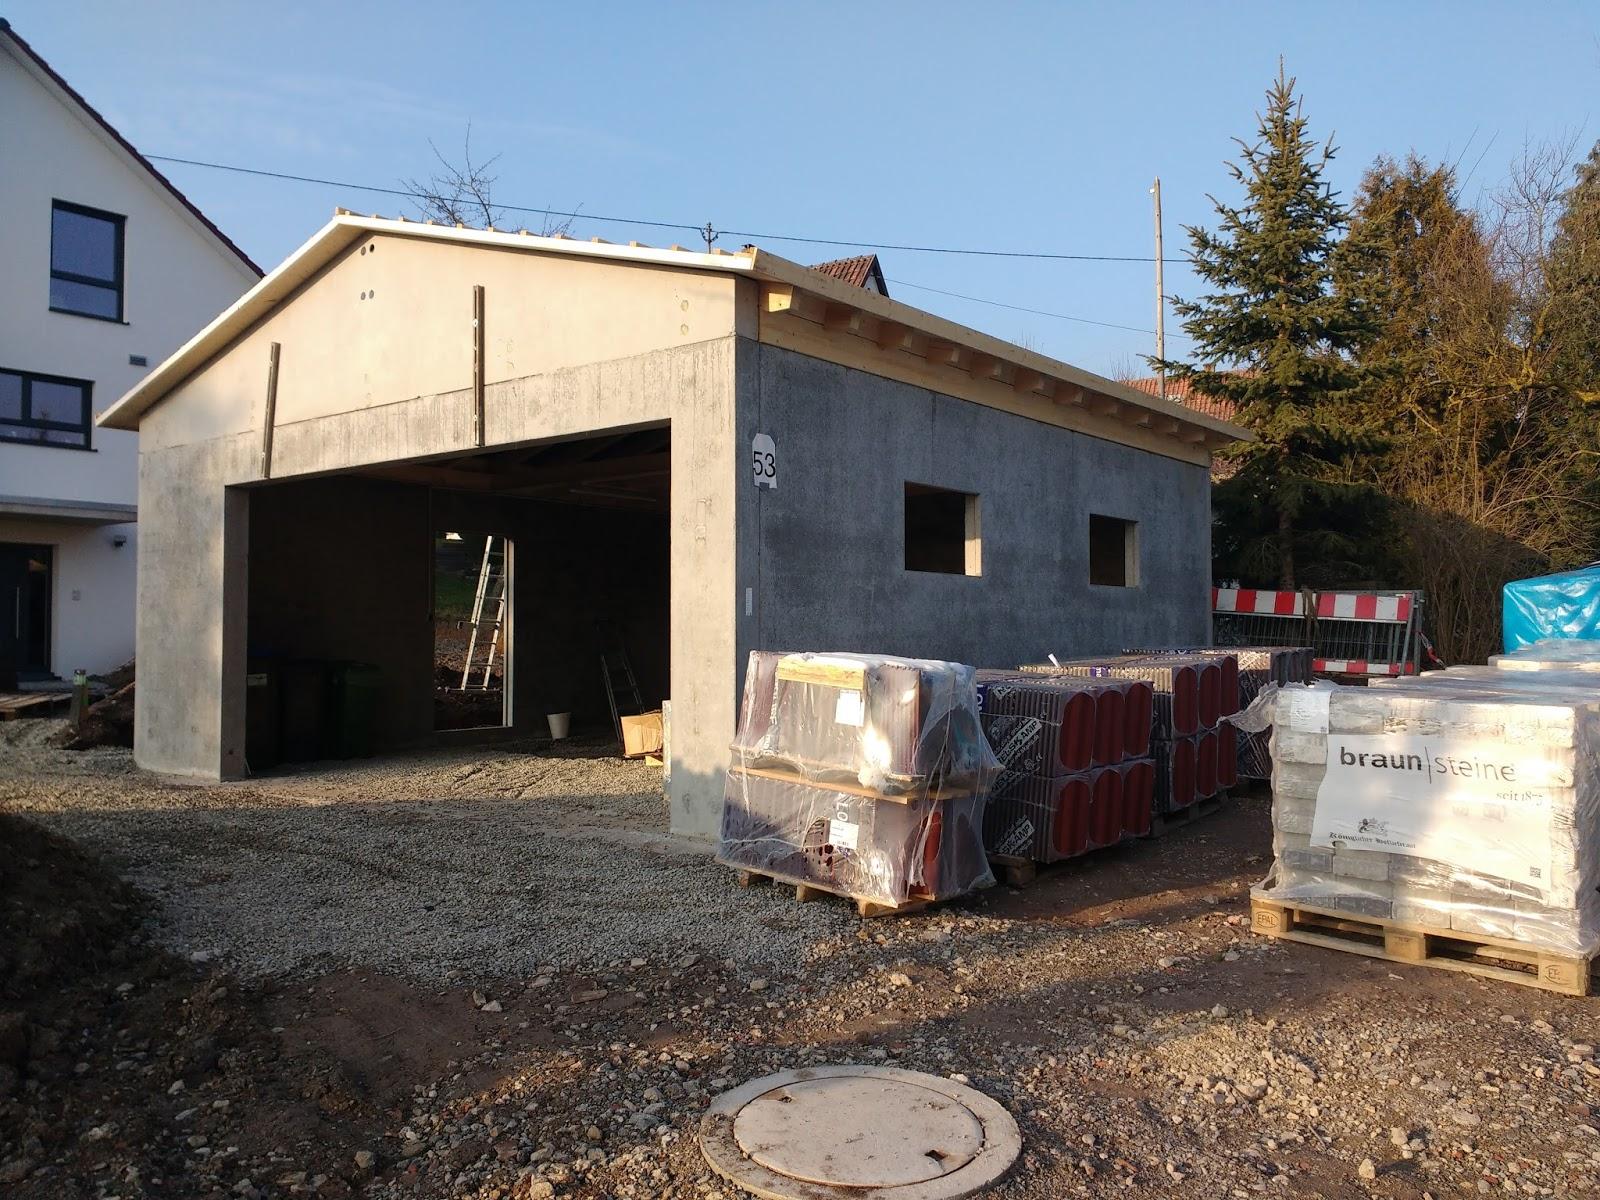 Mit Unseren Fließigen Helfern Haben Wir Am Samstag Das Dach Der Garage  Gedeckt, Fenster Und Tür Eingebaut Und Die Dachrinnen (fast Fertig) Gemacht.